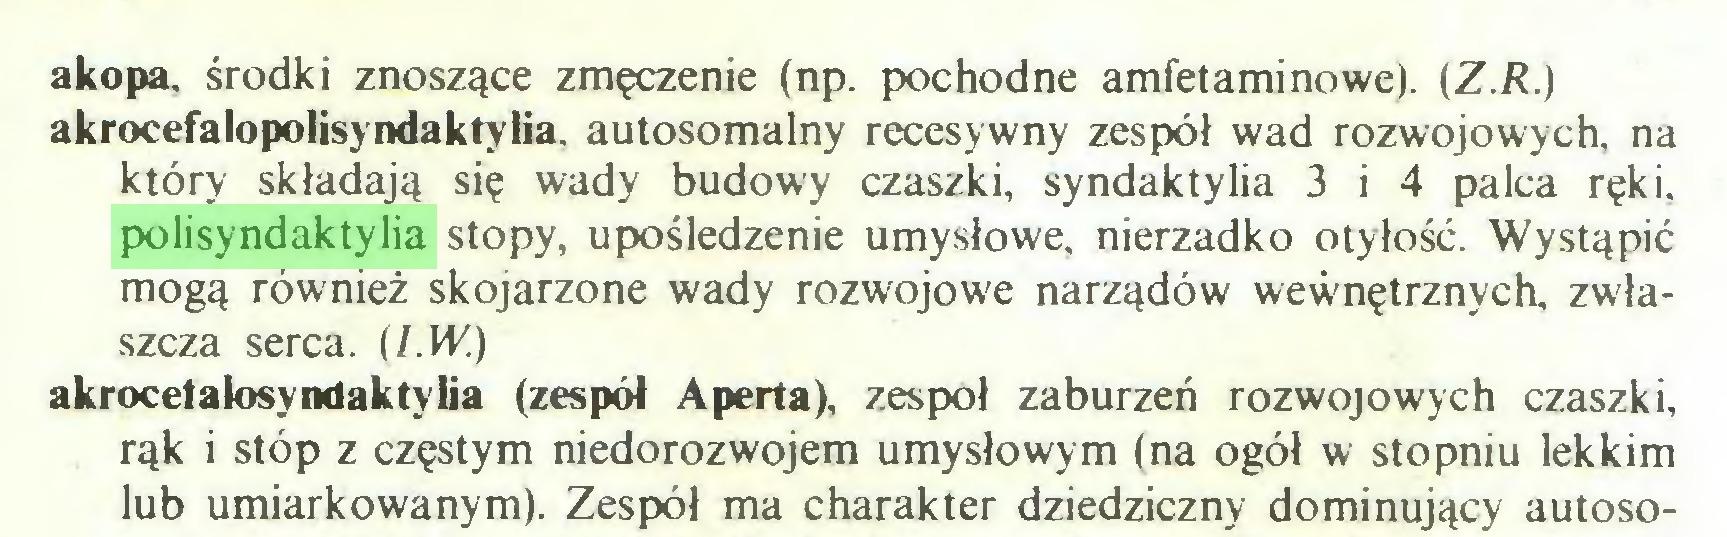 (...) akopa. środki znoszące zmęczenie (np. pochodne amfetaminowe). (Z.R.) akrocefalopolisyndaktyiia. autosomalny recesywny zespół wad rozwojowych, na który składają się wady budowy czaszki, syndaktylia 3 i 4 palca ręki, polisyndaktylia stopy, upośledzenie umysłowe, nierzadko otyłość. Wystąpić mogą również skojarzone wady rozwojowe narządów wewnętrznych, zwłaszcza serca. (l.W.) akrocetałosyndaktylia (zespół Aperta), zespół zaburzeń rozwojowych czaszki, rąk i stóp z częstym niedorozwojem umysłowym (na ogół w stopniu lekkim lub umiarkowanym). Zespół ma charakter dziedziczny dominujący autoso...